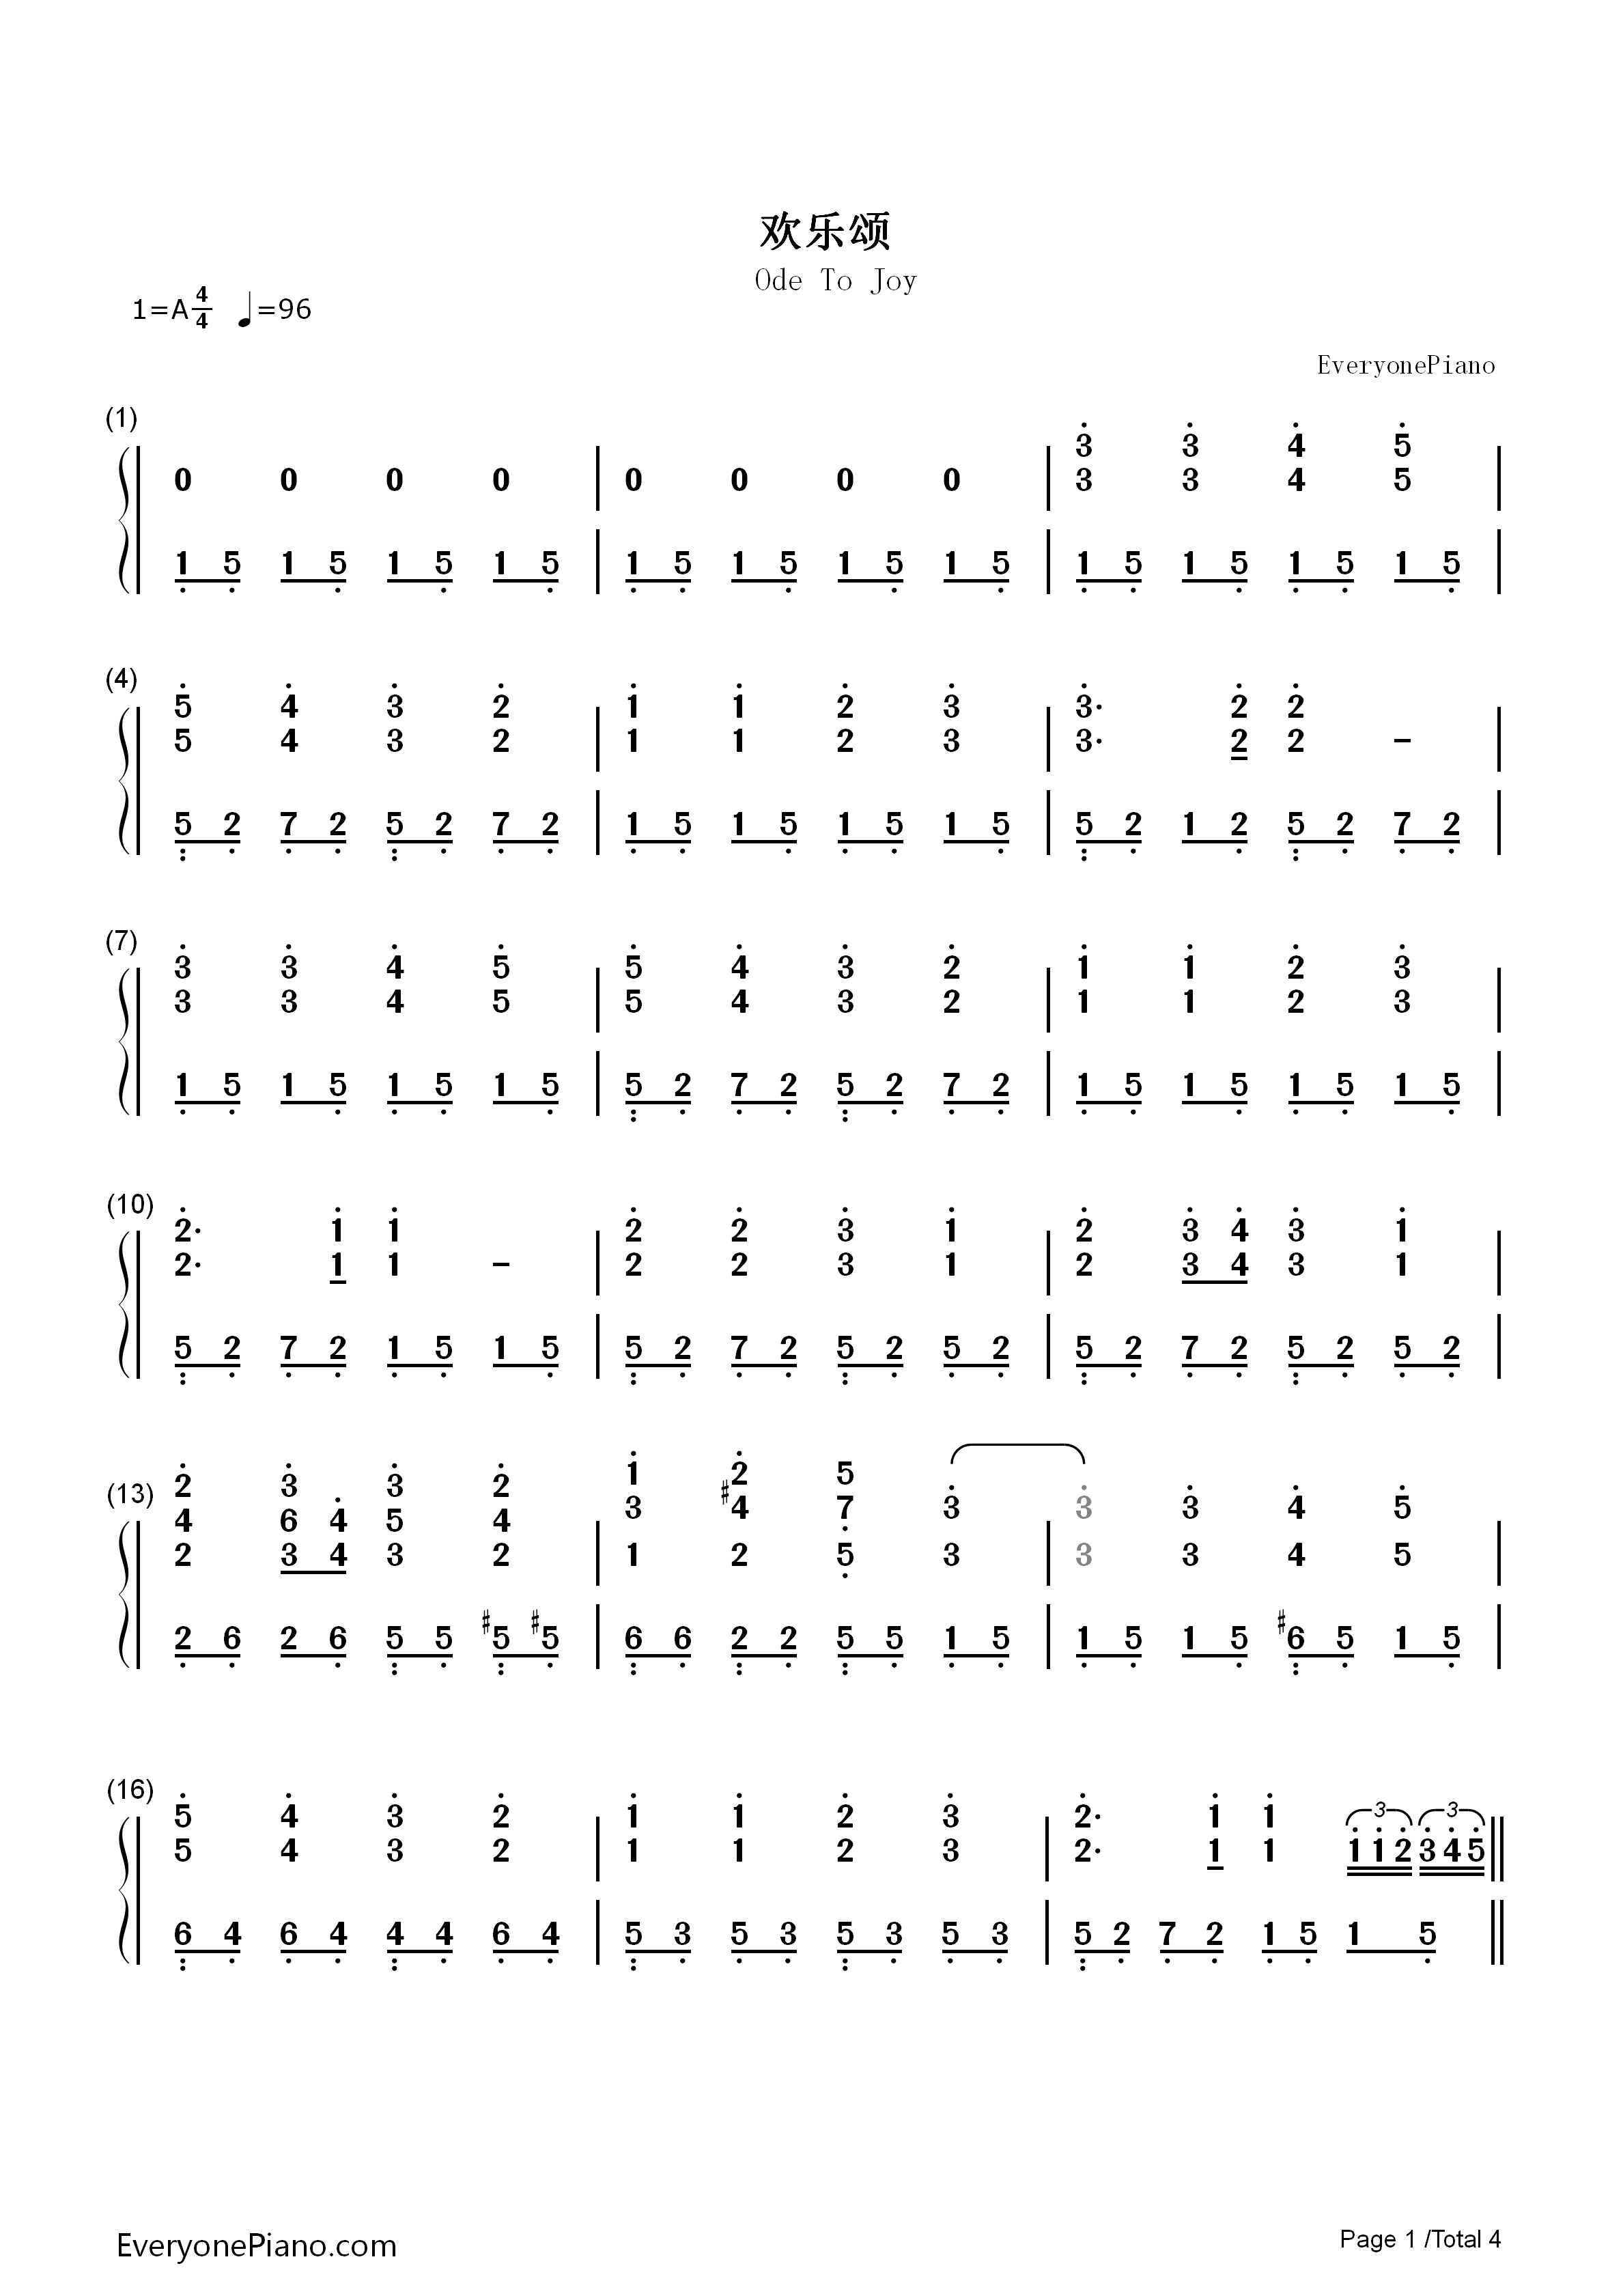 欢乐颂-完整版双手简谱预览1-钢琴谱(五线谱,双手简谱